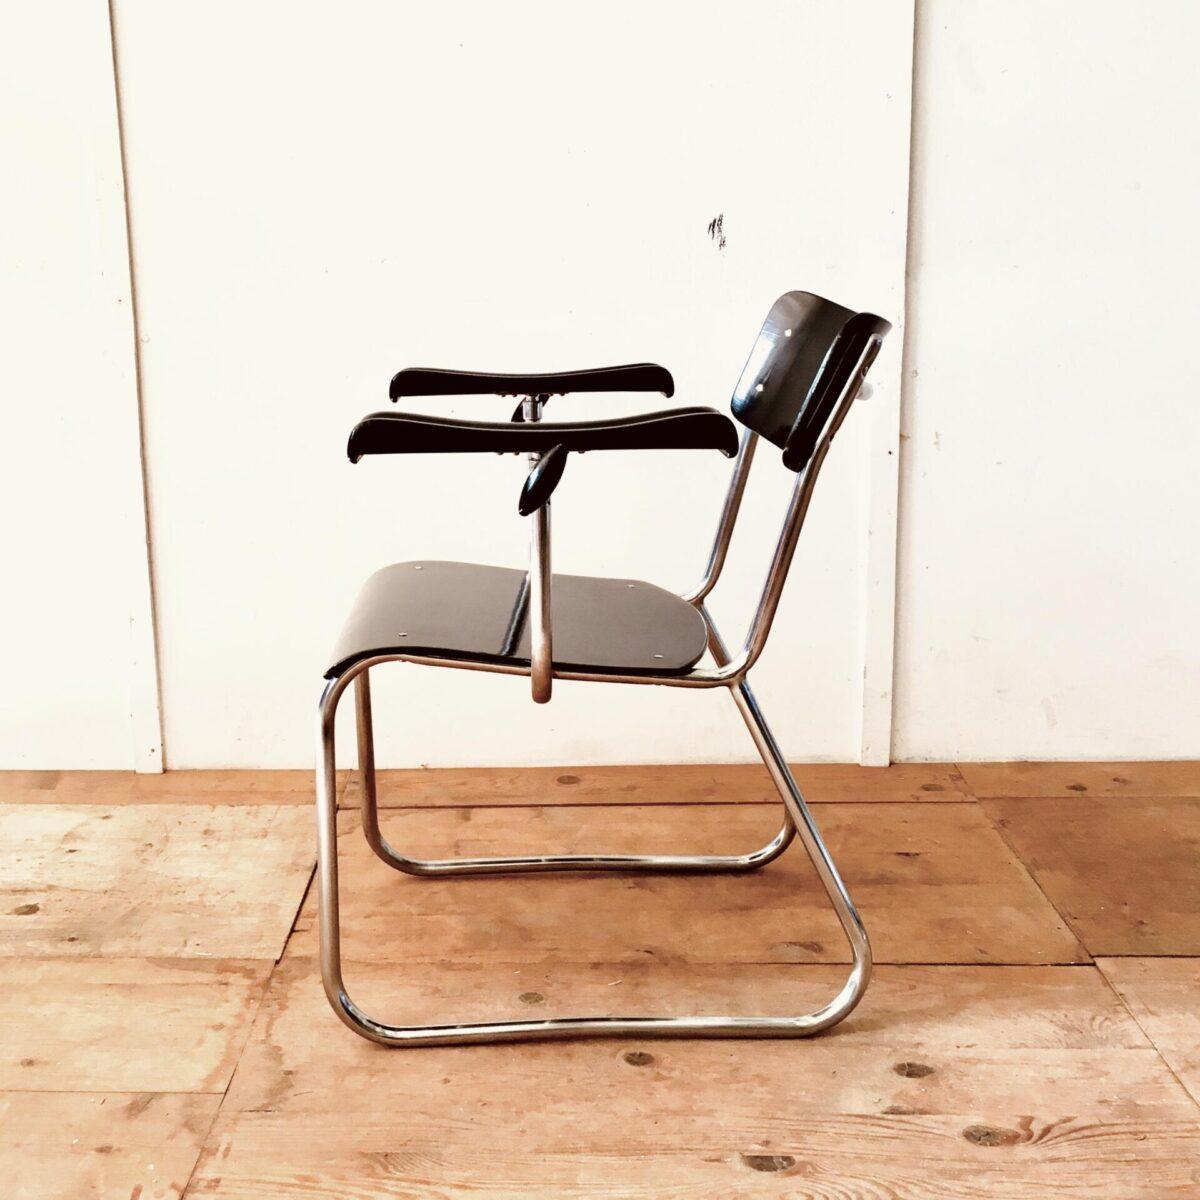 Deuxieme.shopAlter pedicure stuhl armlehnstuhl. Schönes Stahlrohr gestell verchromt im Stile der Bauhaus Stahlrohr Möbel. Sitz und lehne formsperrholz schwarz lackiert. Armlehnen ergonomisch geformt höhenverstellbar, feststellschraube aus kunststoff. Industrial Vintage Sessel.Alter pedicure stuhl armlehnstuhl. Schönes Stahlrohr gestell verchromt im Stile der Bauhaus Stahlrohr Möbel. Sitz und lehne formsperrholz schwarz lackiert. Armlehnen ergonomisch geformt höhenverstellbar, feststellschraube aus kunststoff.